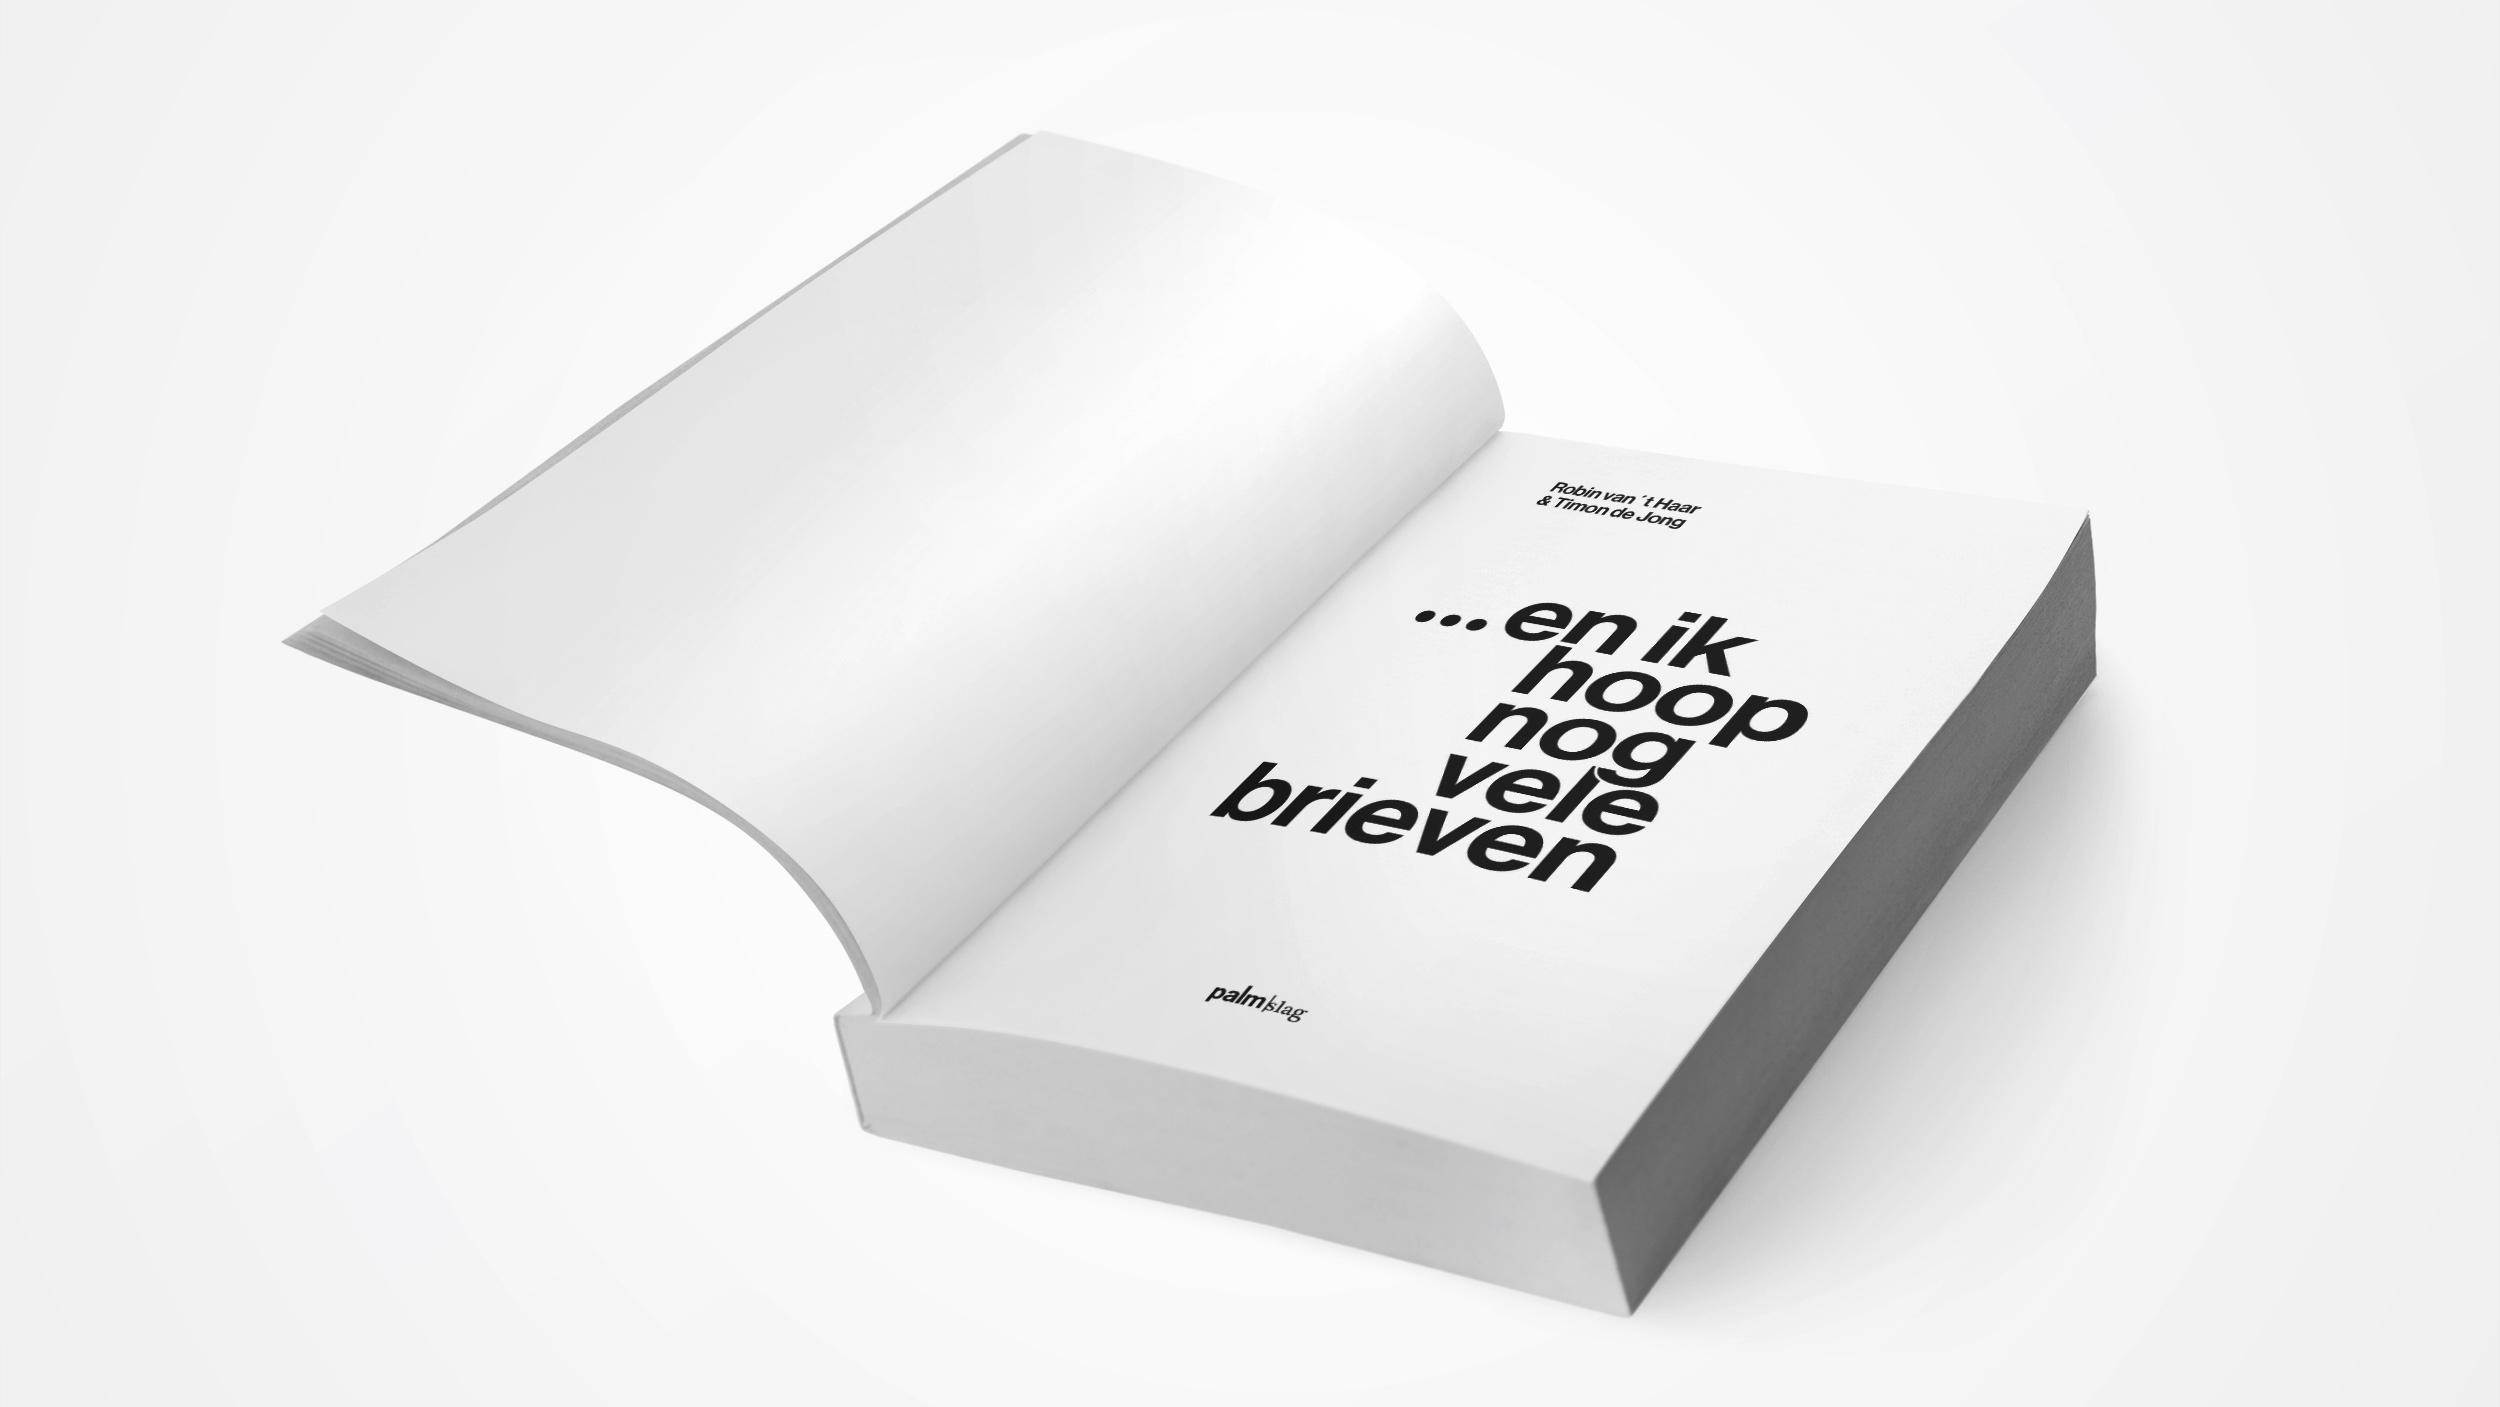 Boekverzorging Binnenwerk 'En ik hoop nog vele brieven' - Timon de Jong - Uitgeverij Palmslag